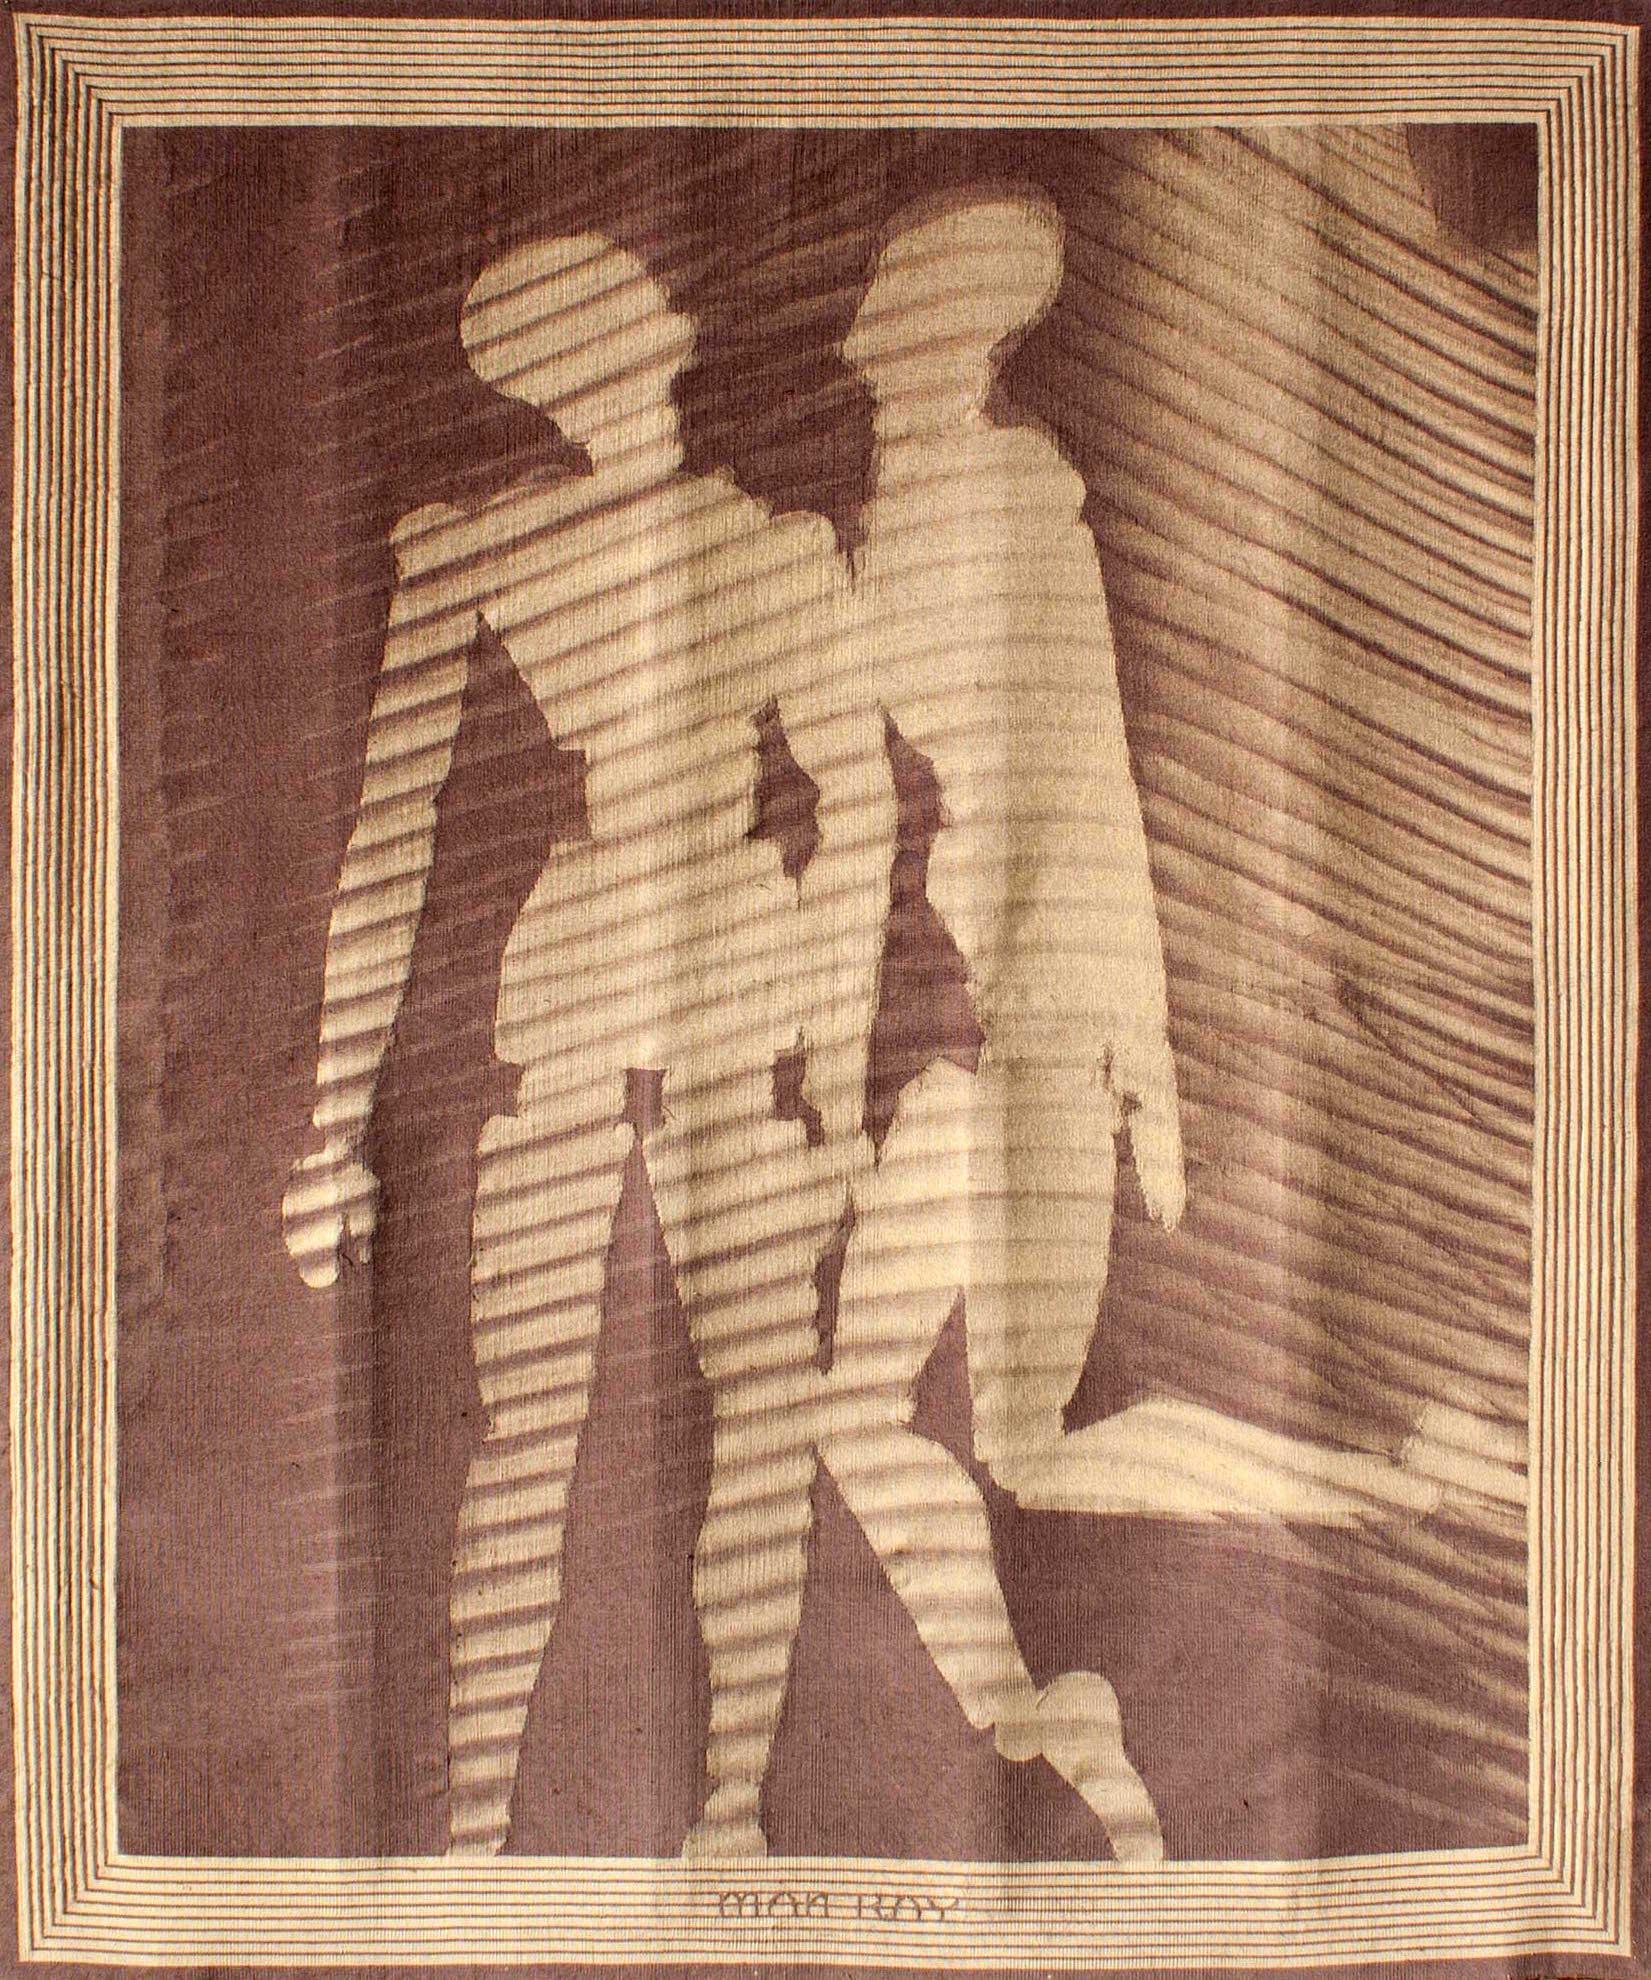 Shadows, l'unique tapisserie tissée d'après Man Ray, agoradon.com